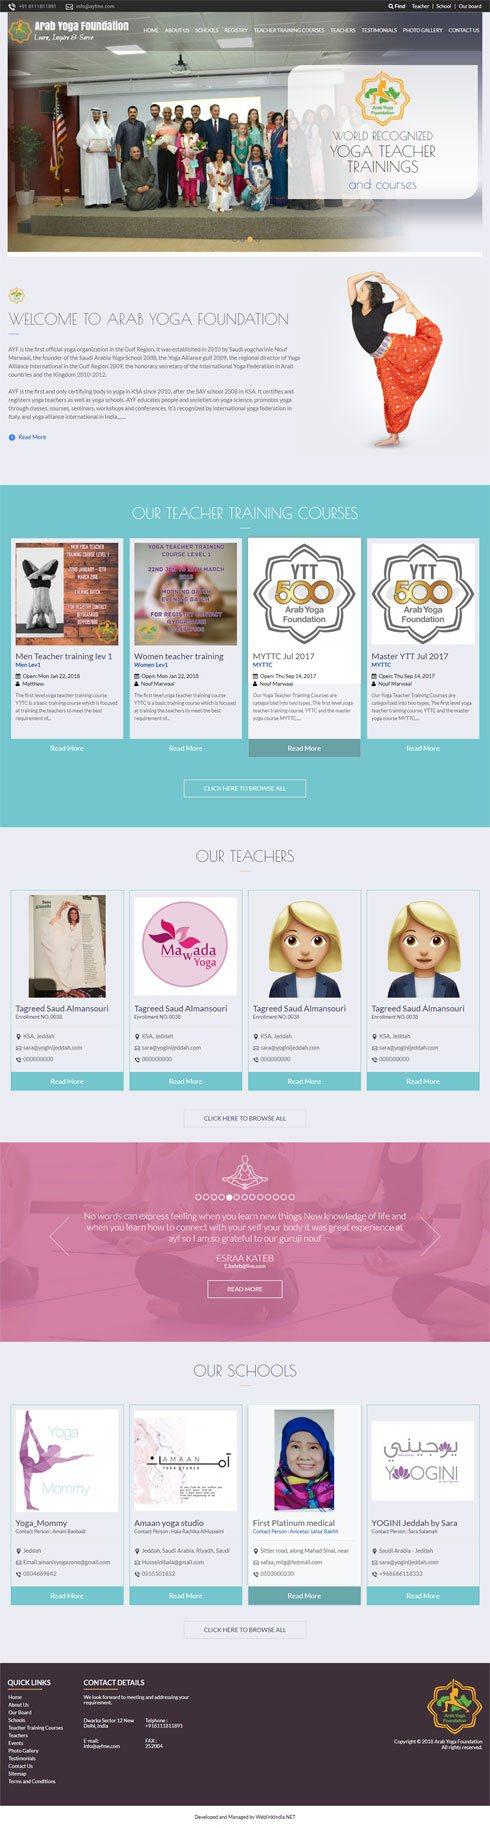 Arab Yoga Foundation Turkey Web Design